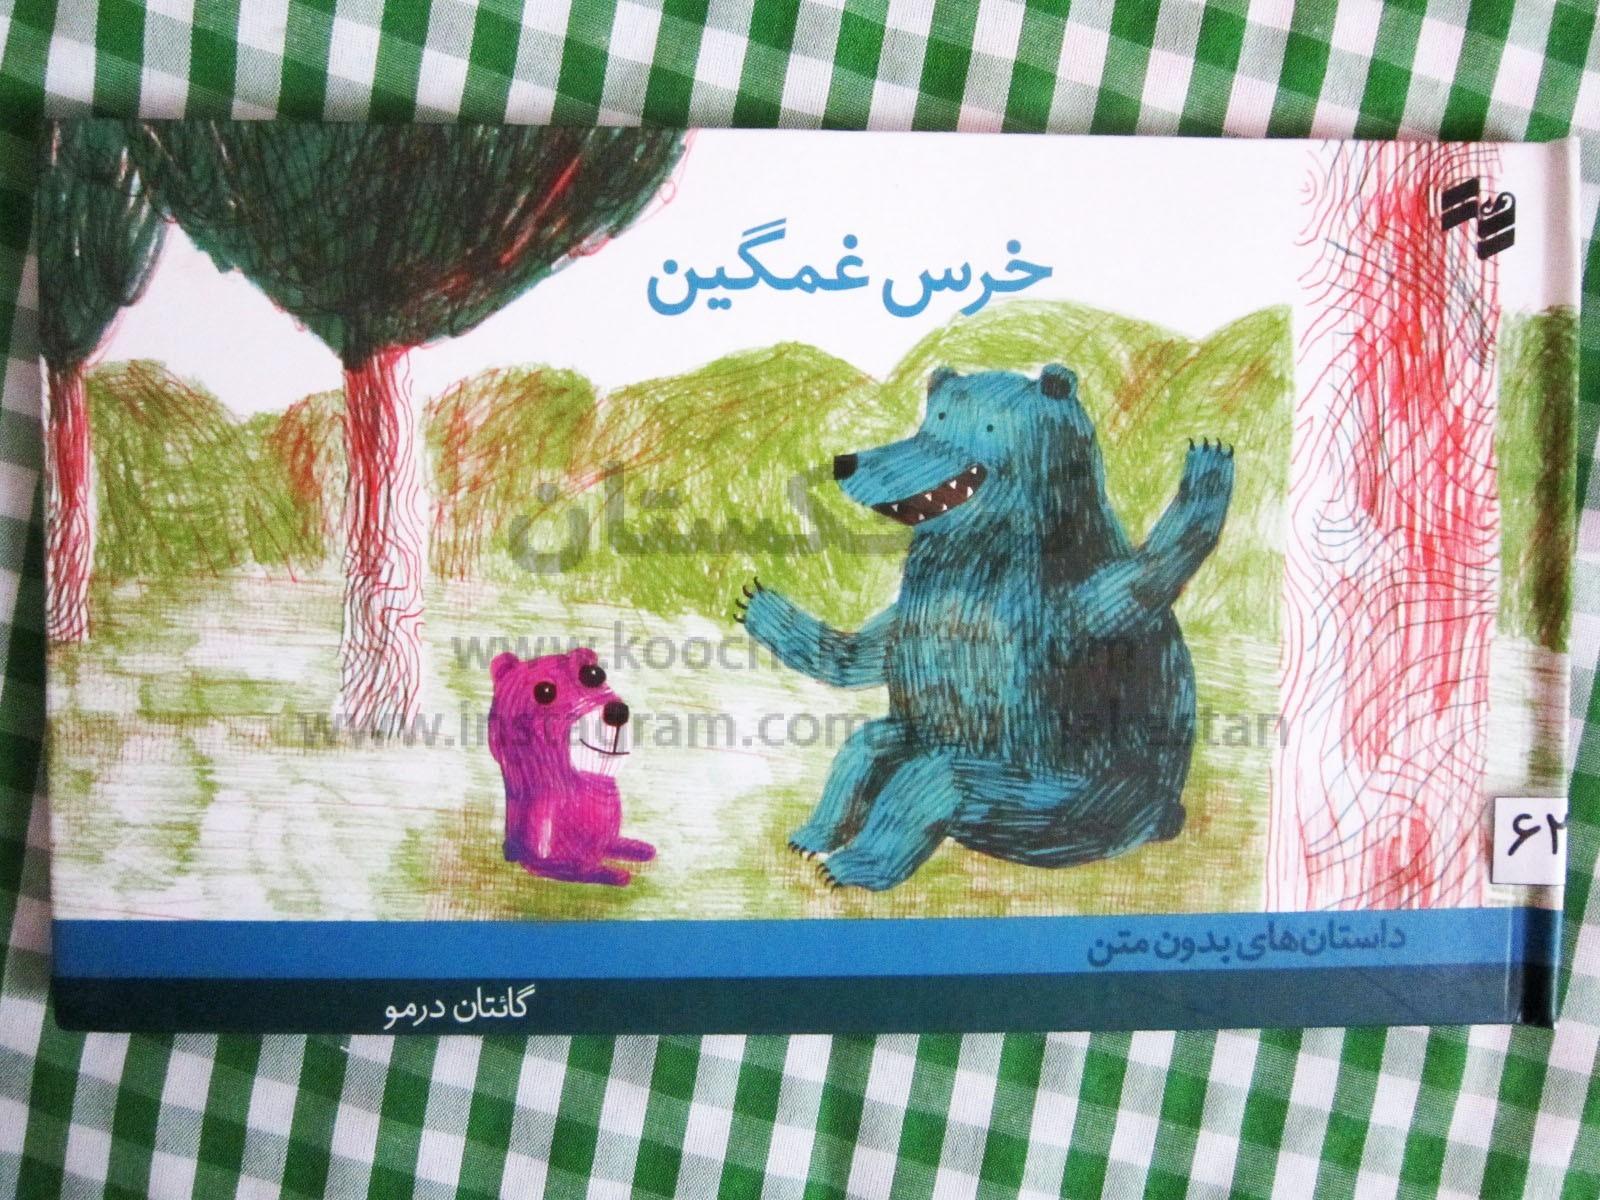 خرس غمگین - کتابخانه کودک